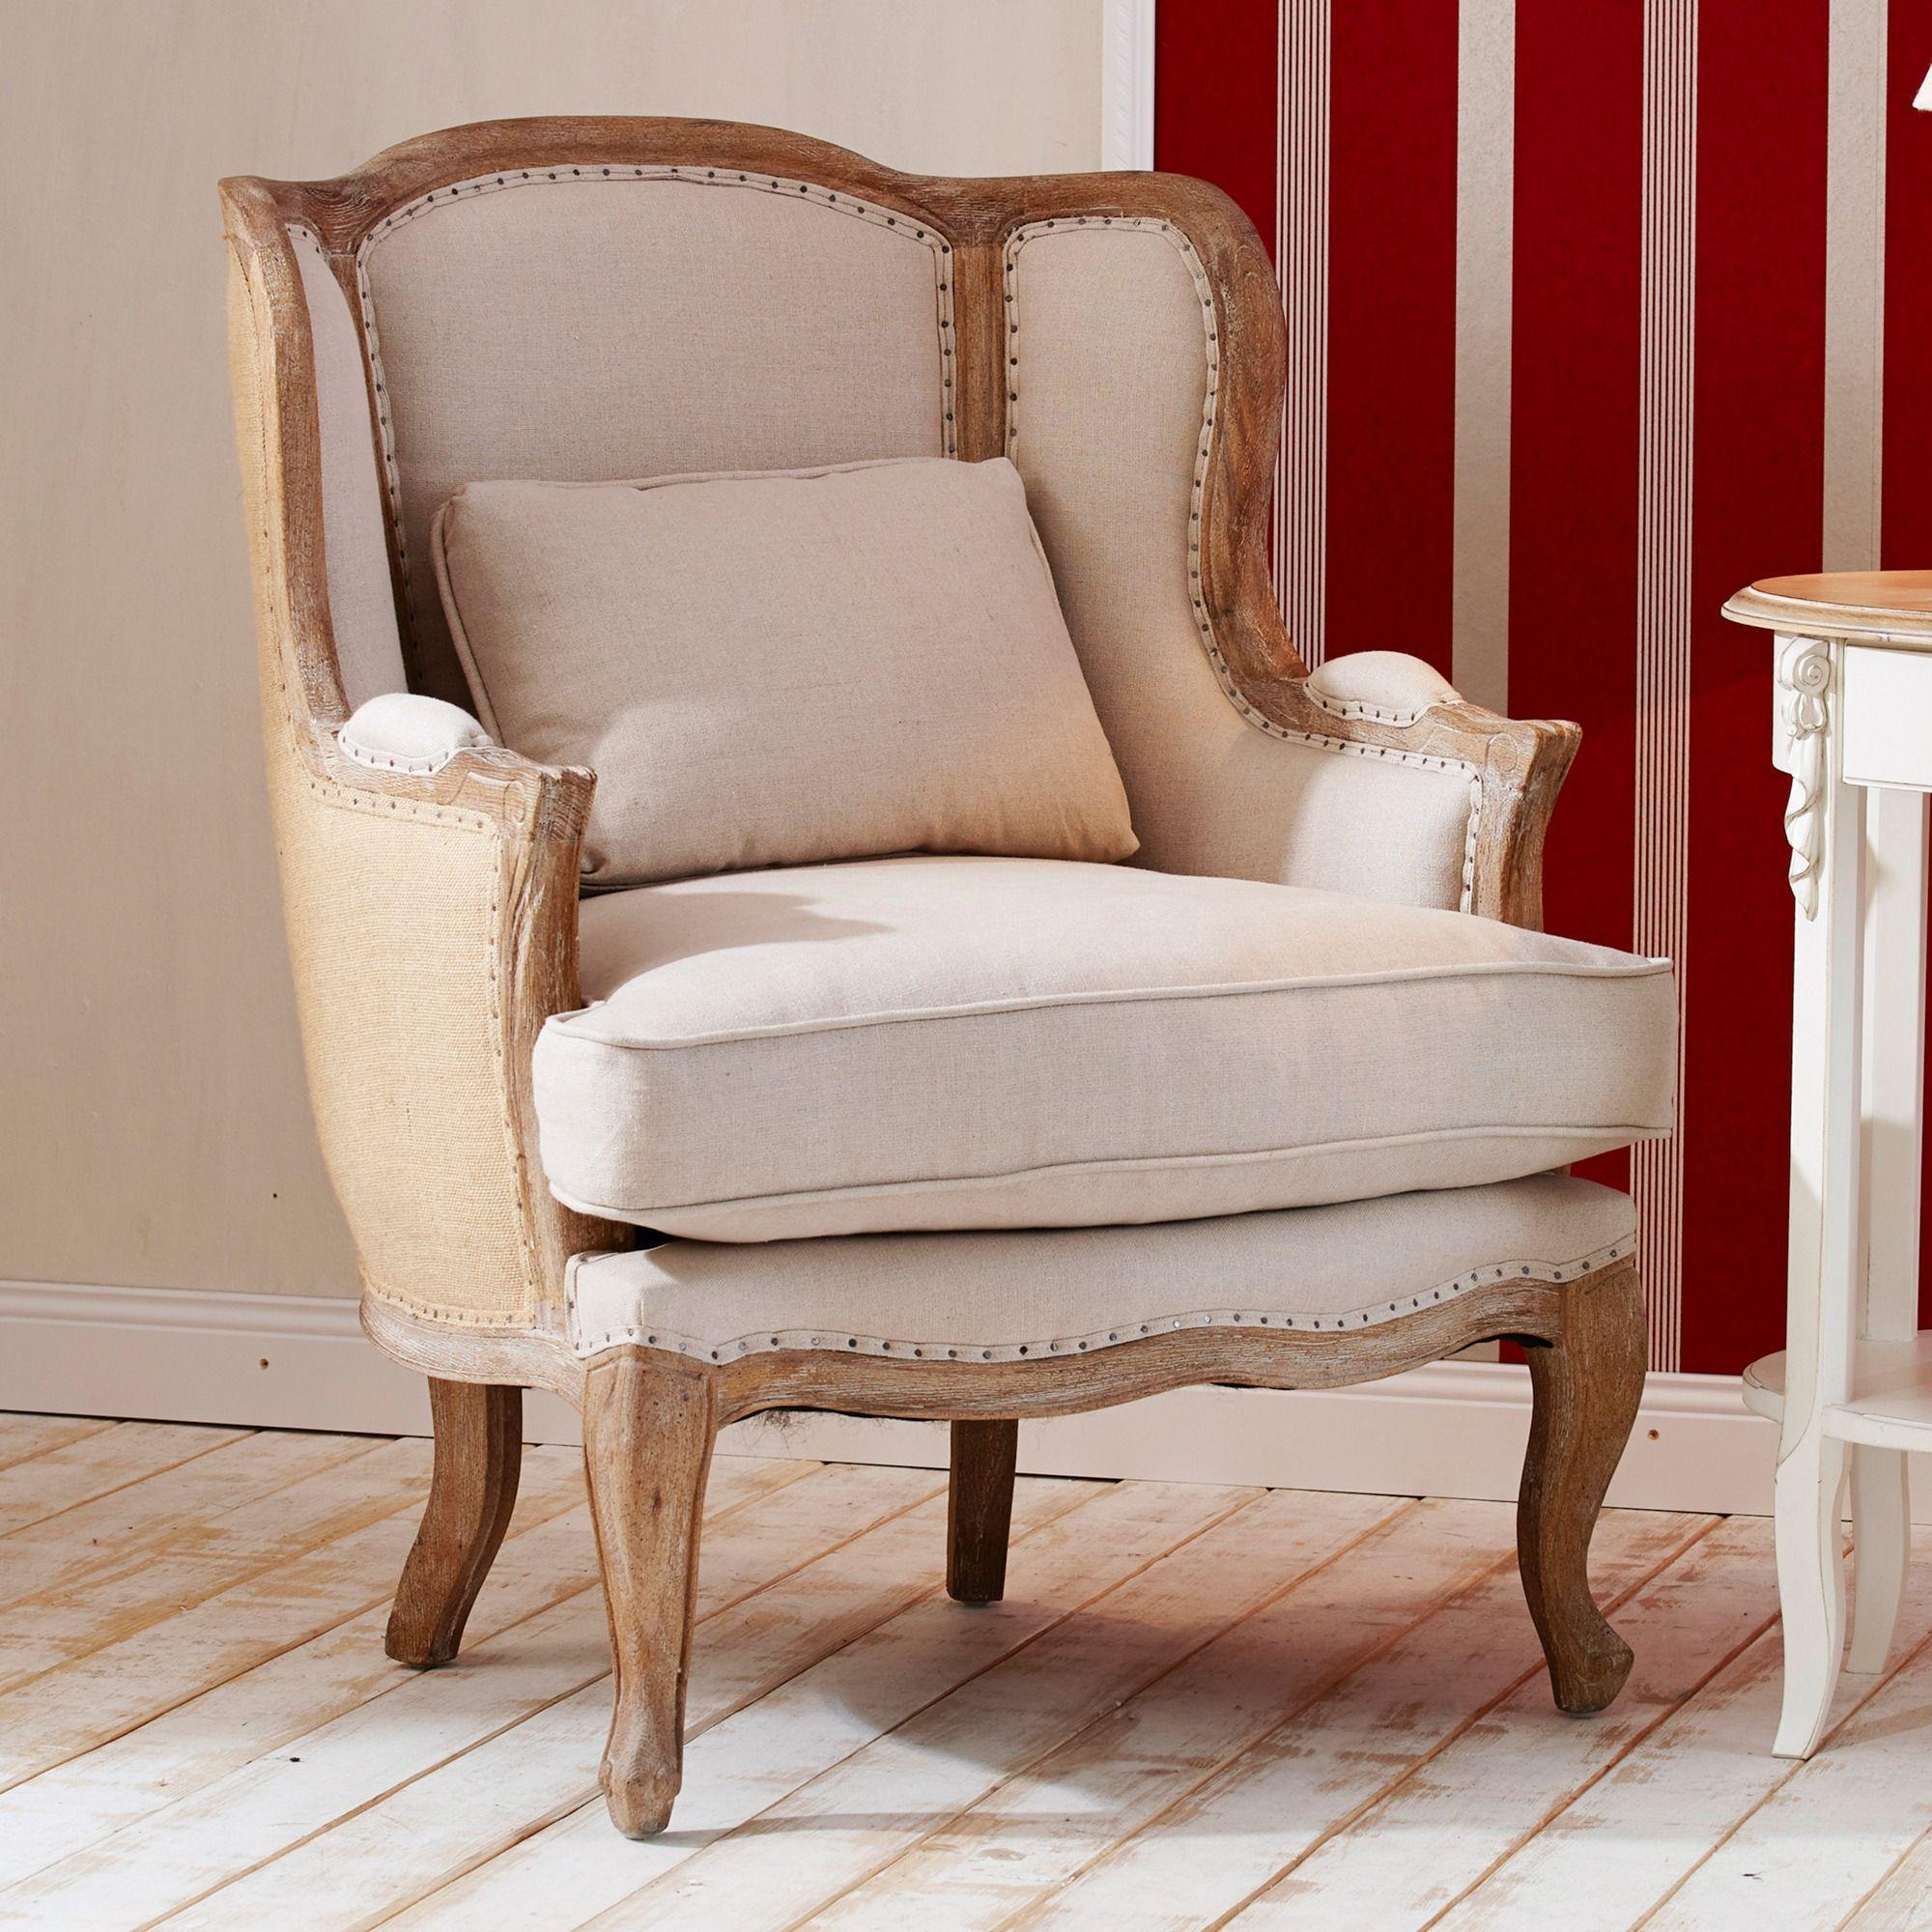 Sessel Mella online kaufen | mirabeau 700 EUR | Interior & Design ...